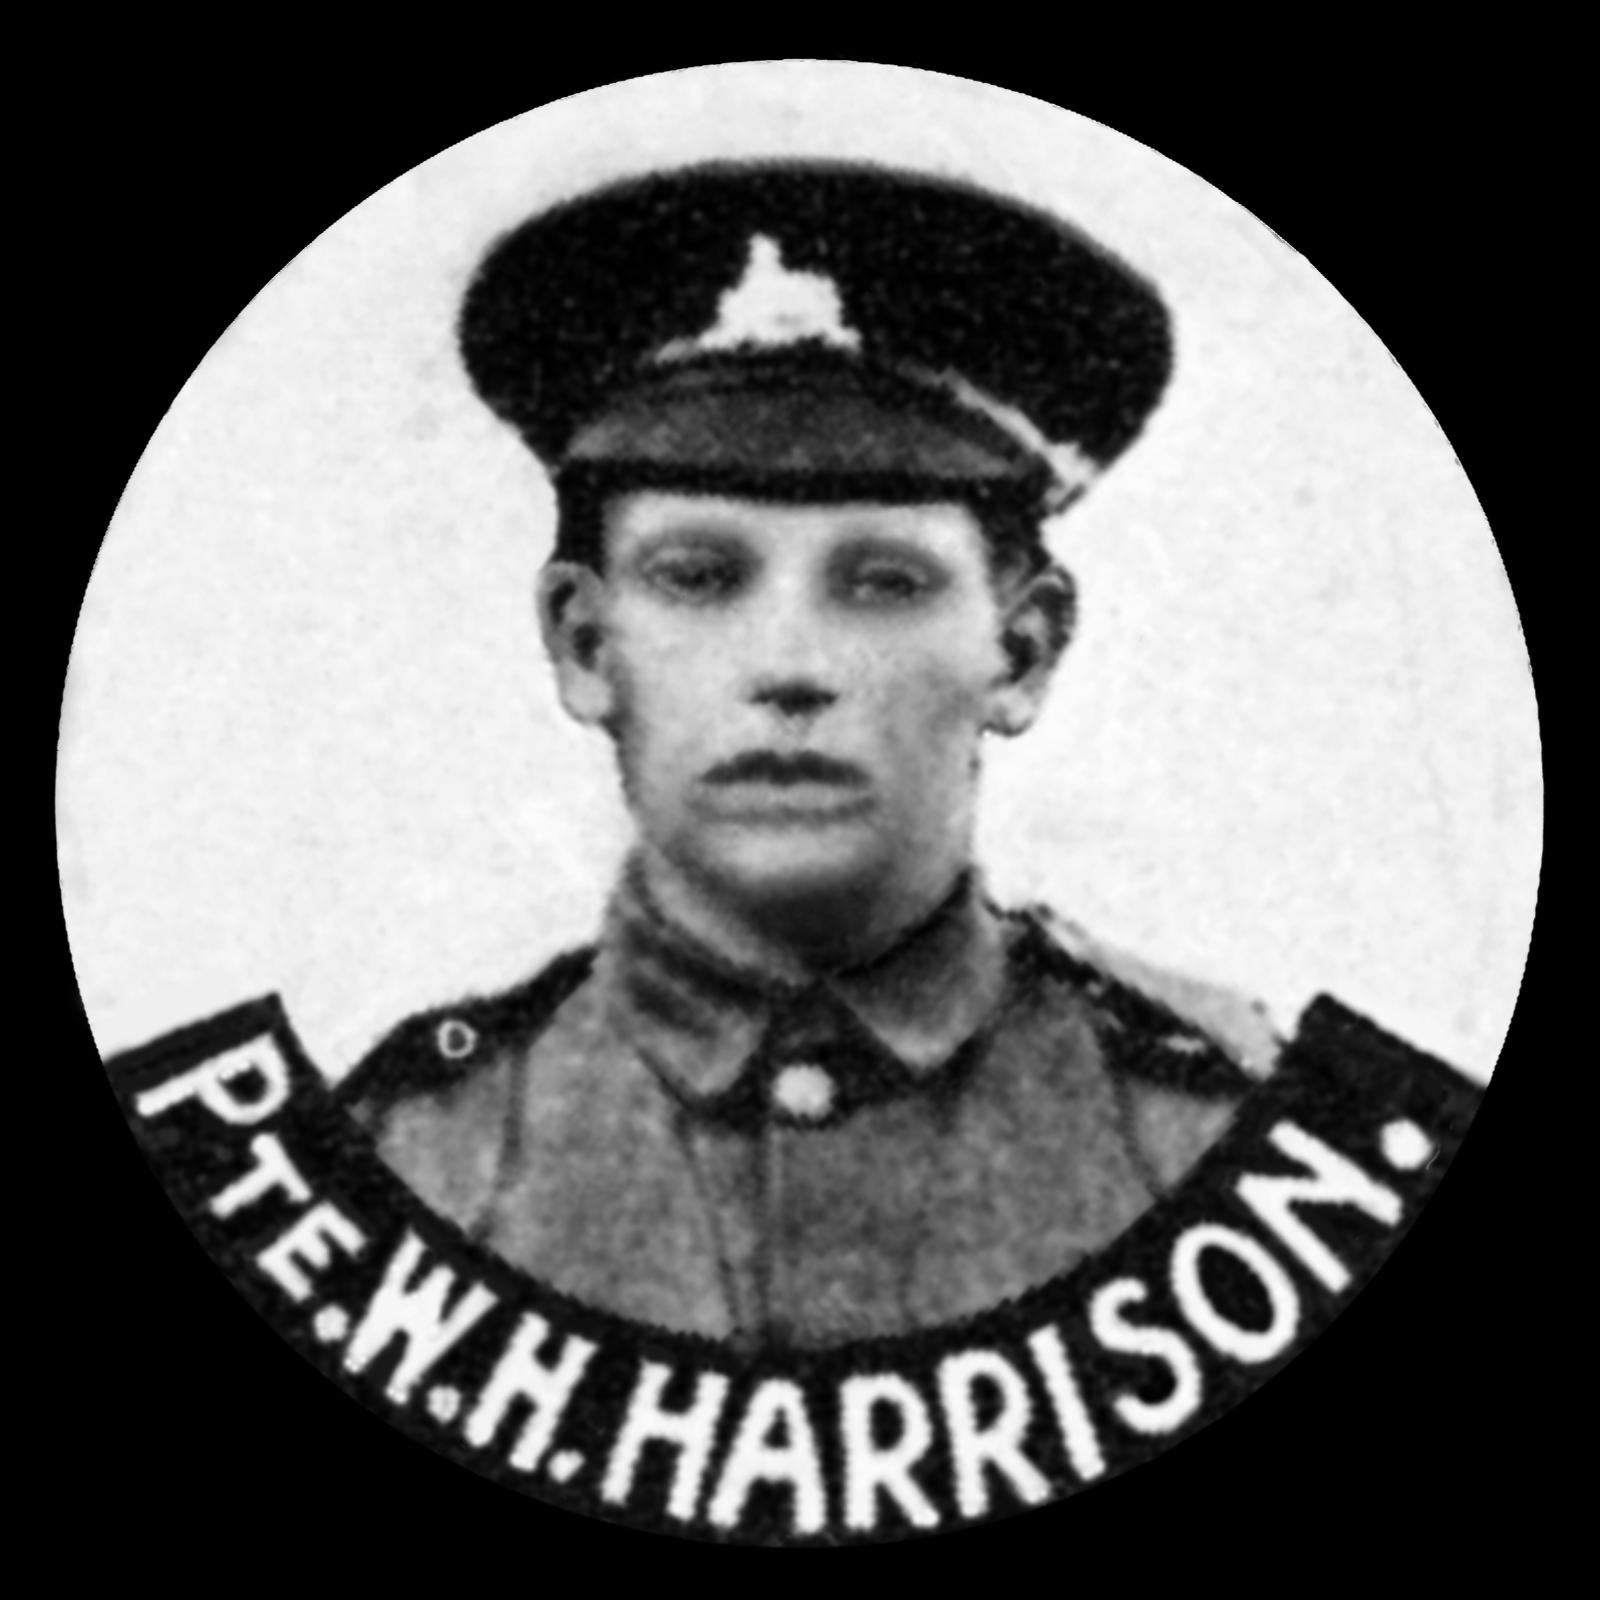 HARRISON Wilfred Harry